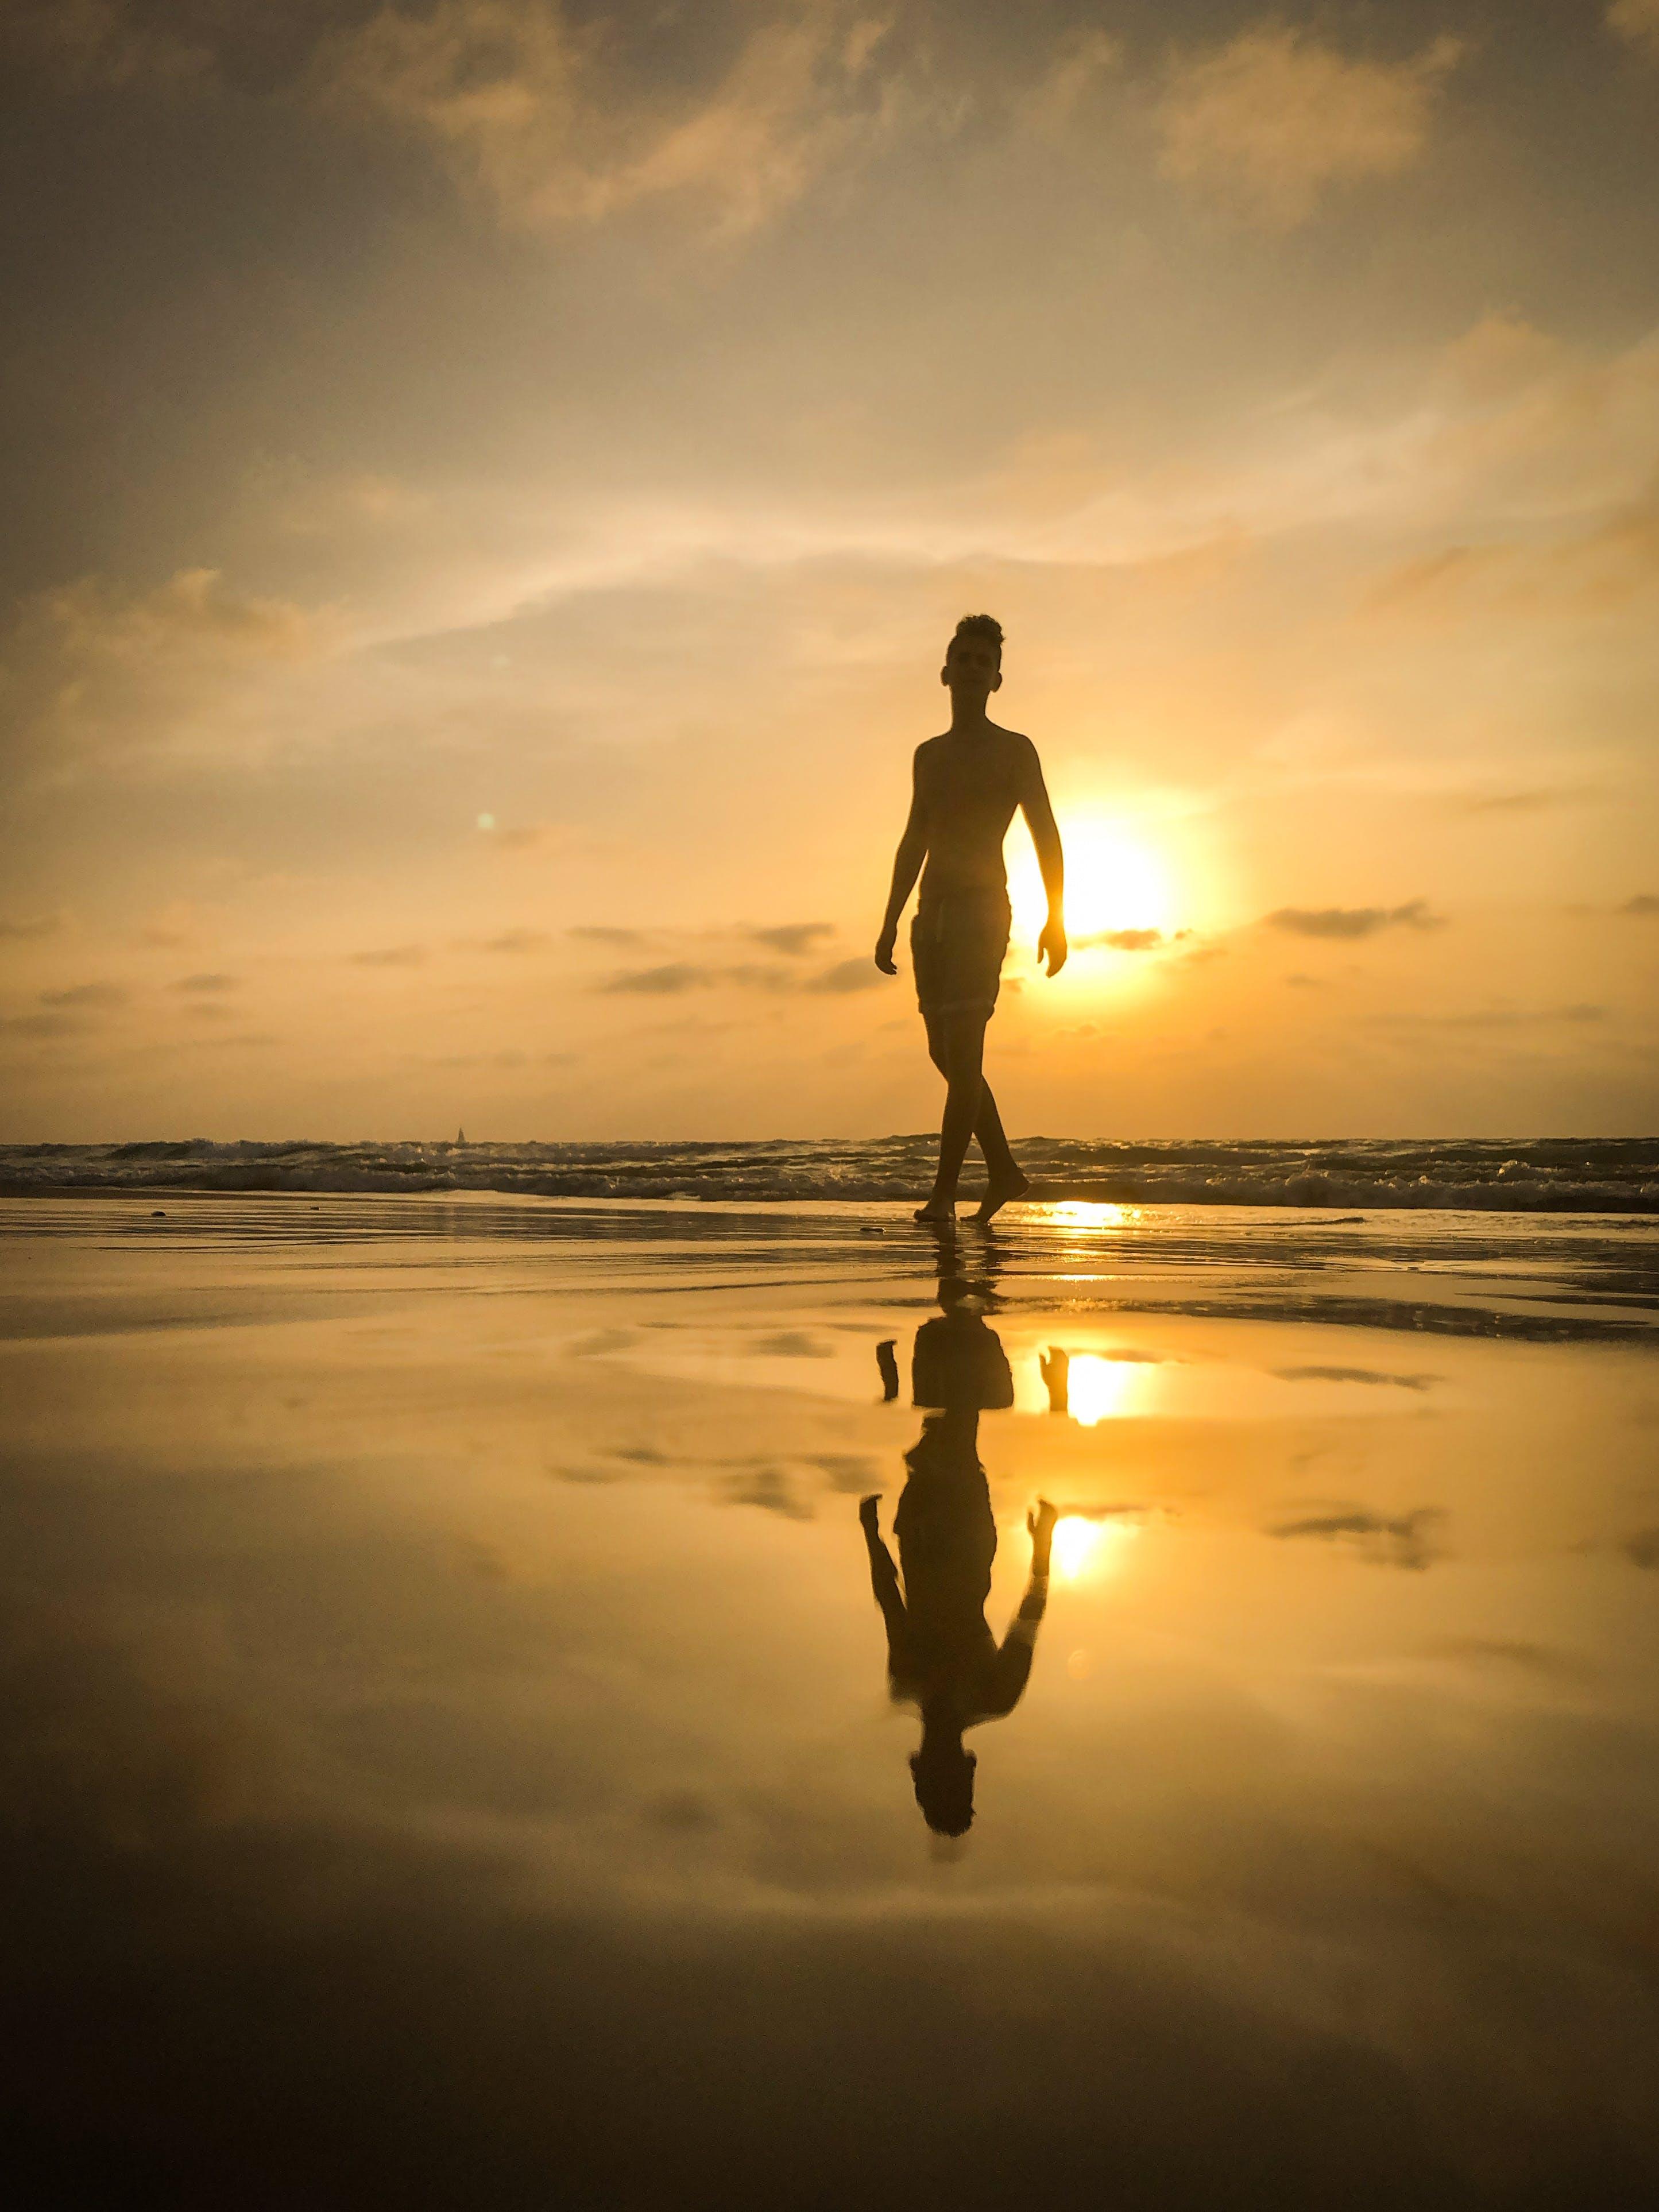 人, 側面, 反射, 地平線 的 免費圖庫相片